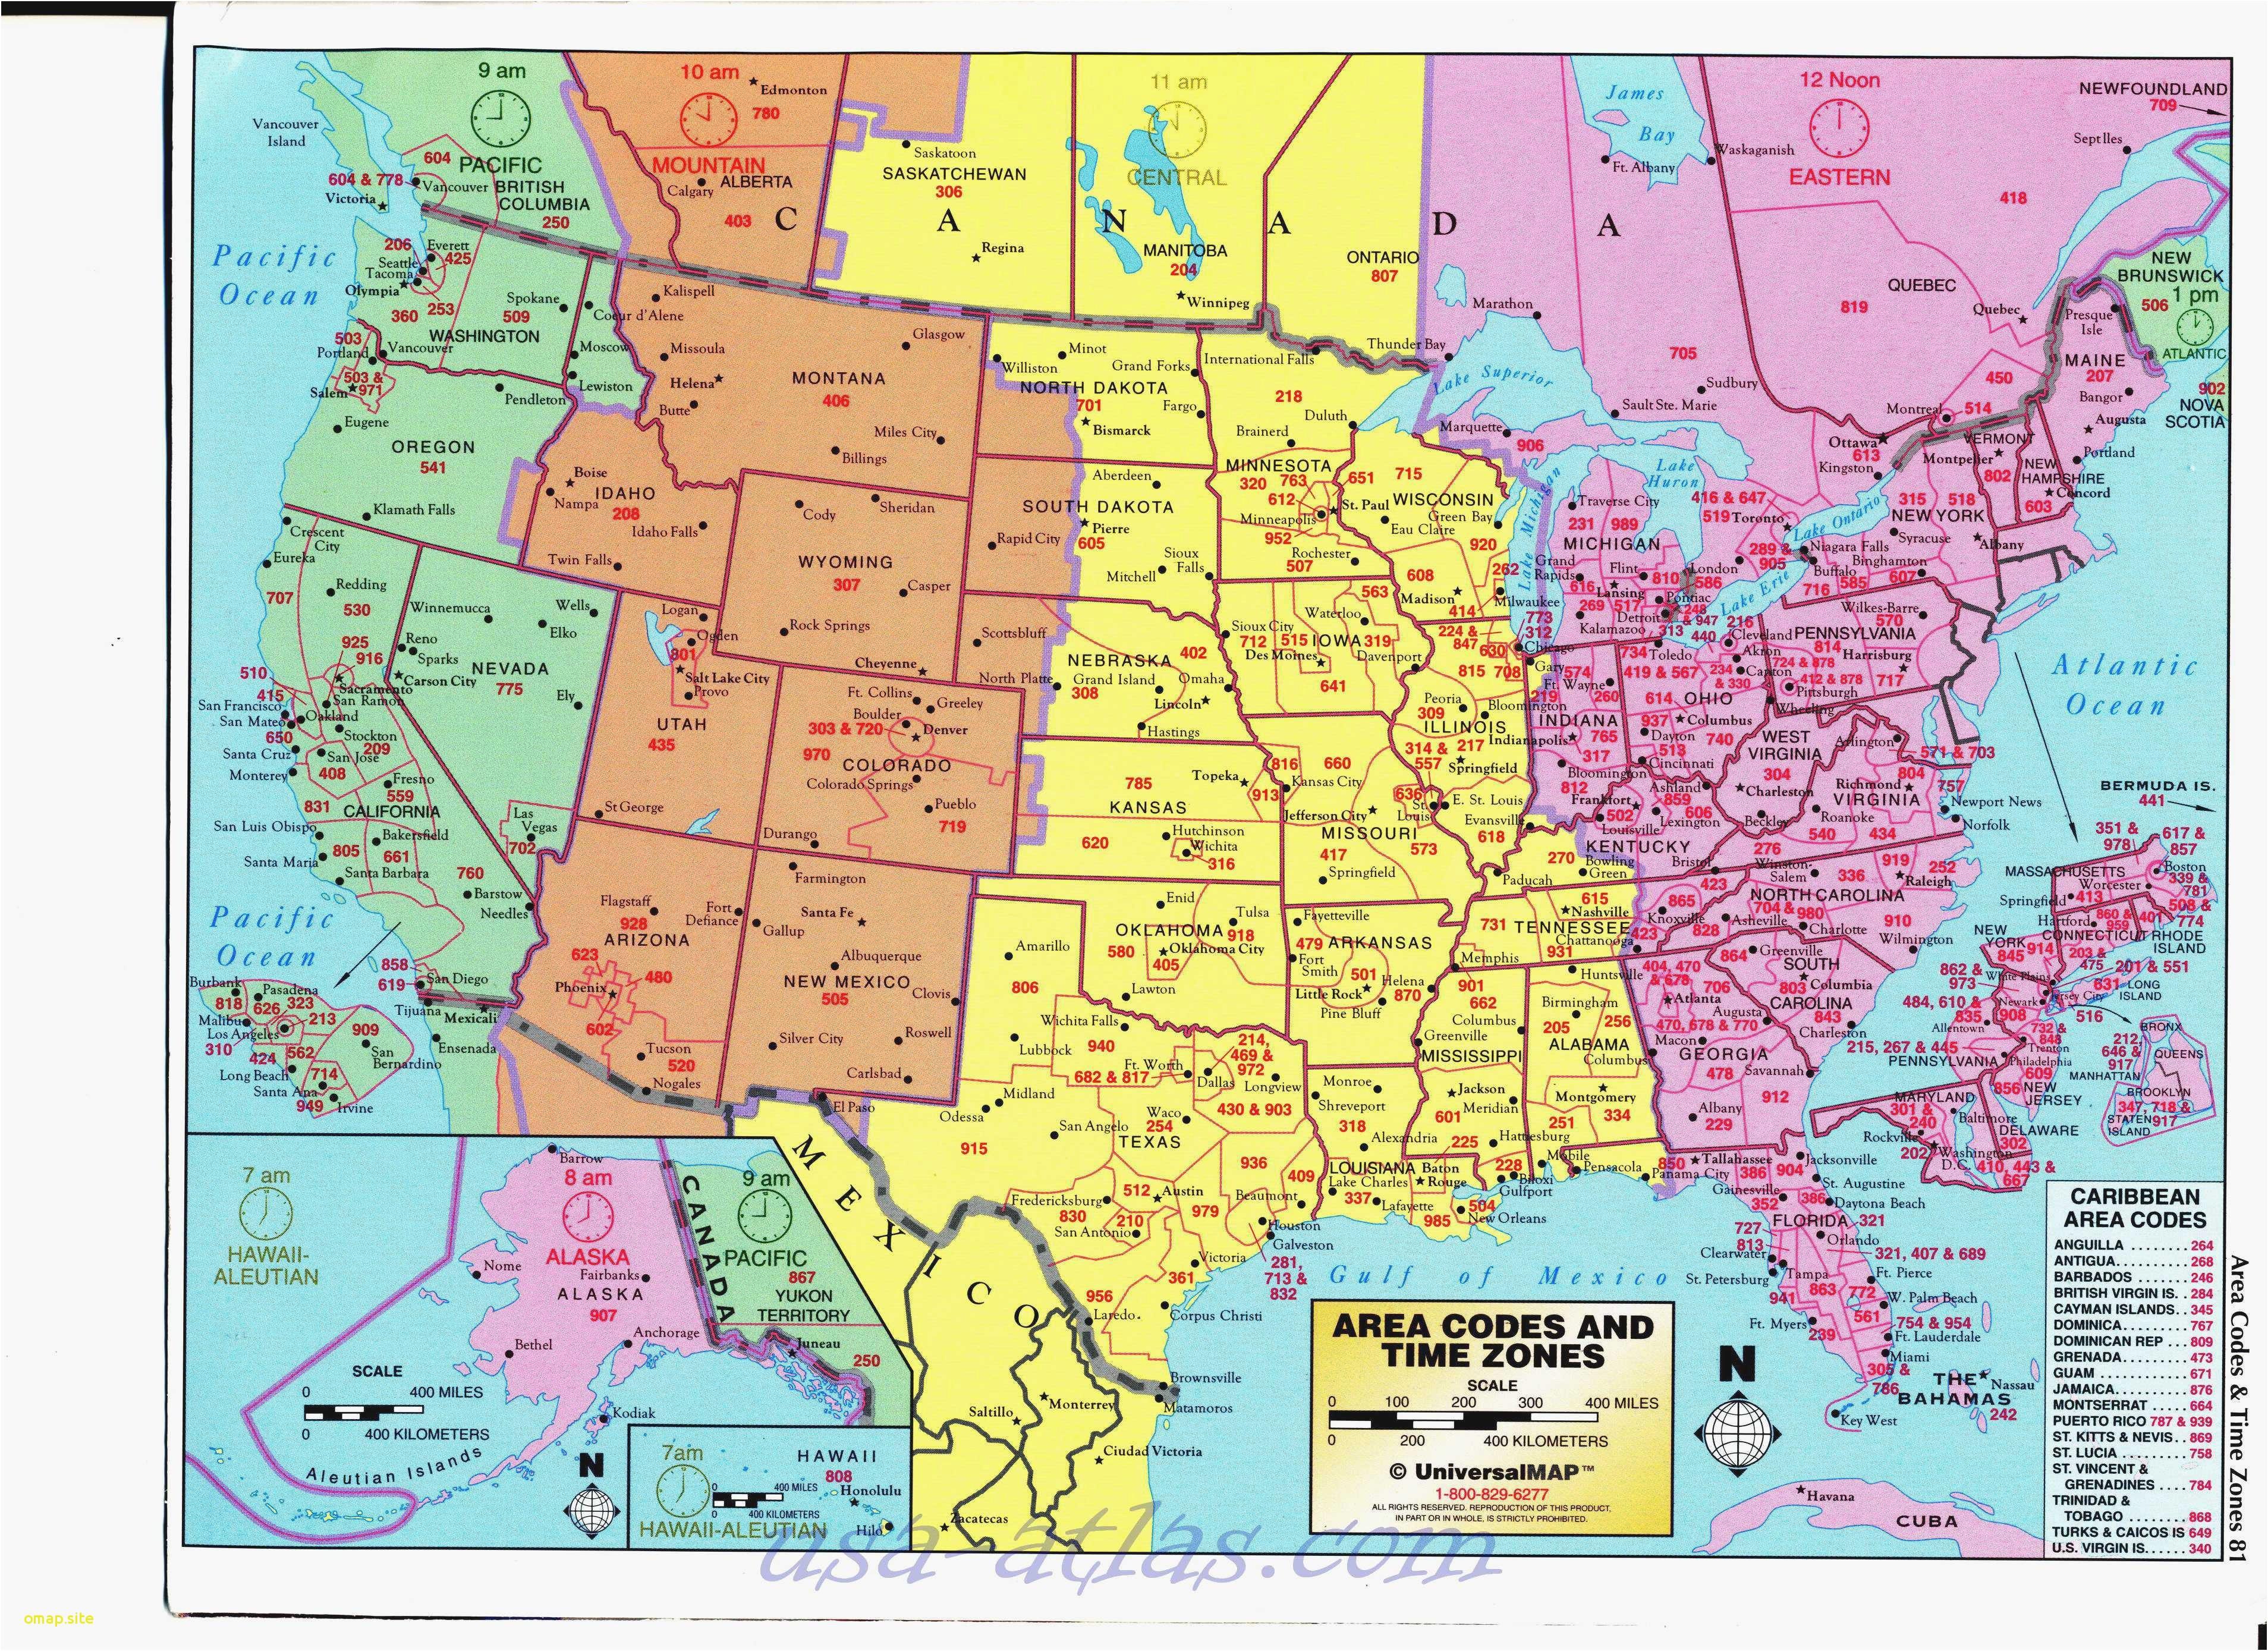 Map Of Ohio Zip Codes Louisville Ky Zip Code Map World Map Directory Kentucky Zip Code Map on kentucky distance map, kentucky postal code, missouri city zip codes map, golf courses in virginia on a map, zip codes county map, kentucky school district map, louisville to indianapolis map, kentucky zip codes alphabetically, ky map, kentucky counties, kentucky zip code list, winchester va zip codes map, kentucky cities, kentucky city map, kentucky area code map, kentucky zip codes by city, kentucky state zip codes, kentucky municipality map, virginia zip map, la grange kentucky map,